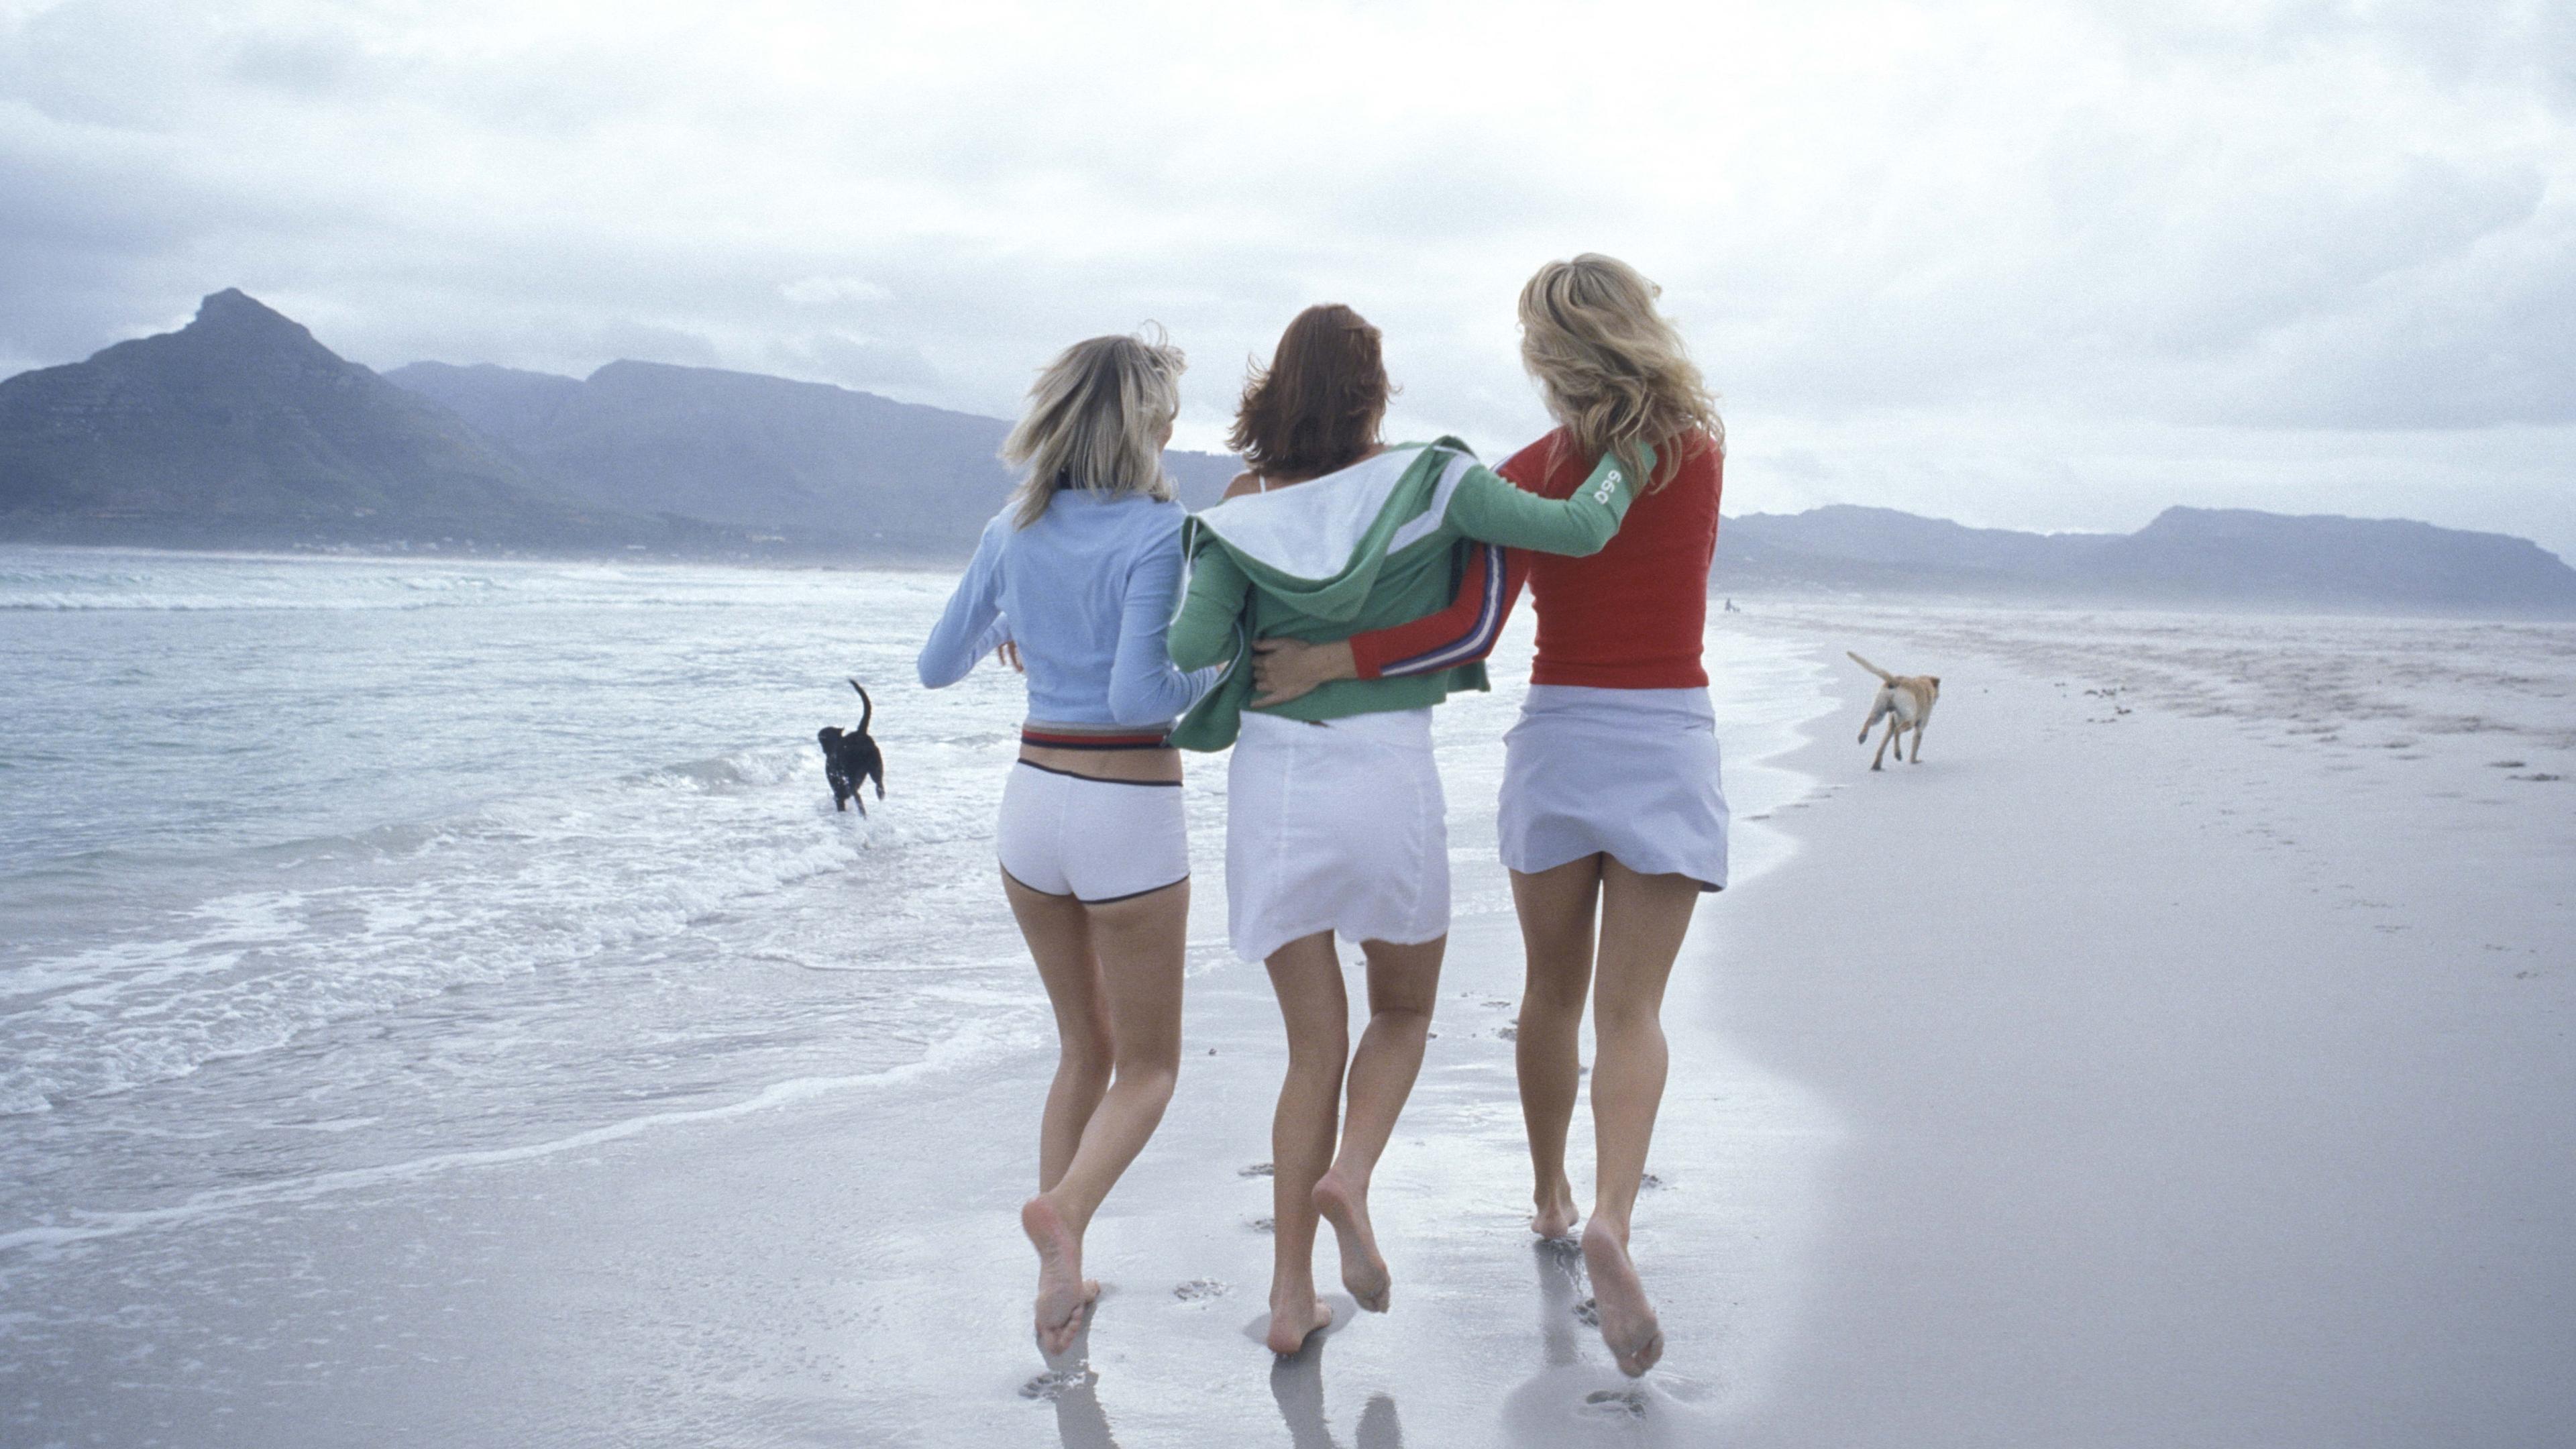 3840x2160 Girls Friendship Beach 4k Wallpaper Hd Girls 4k